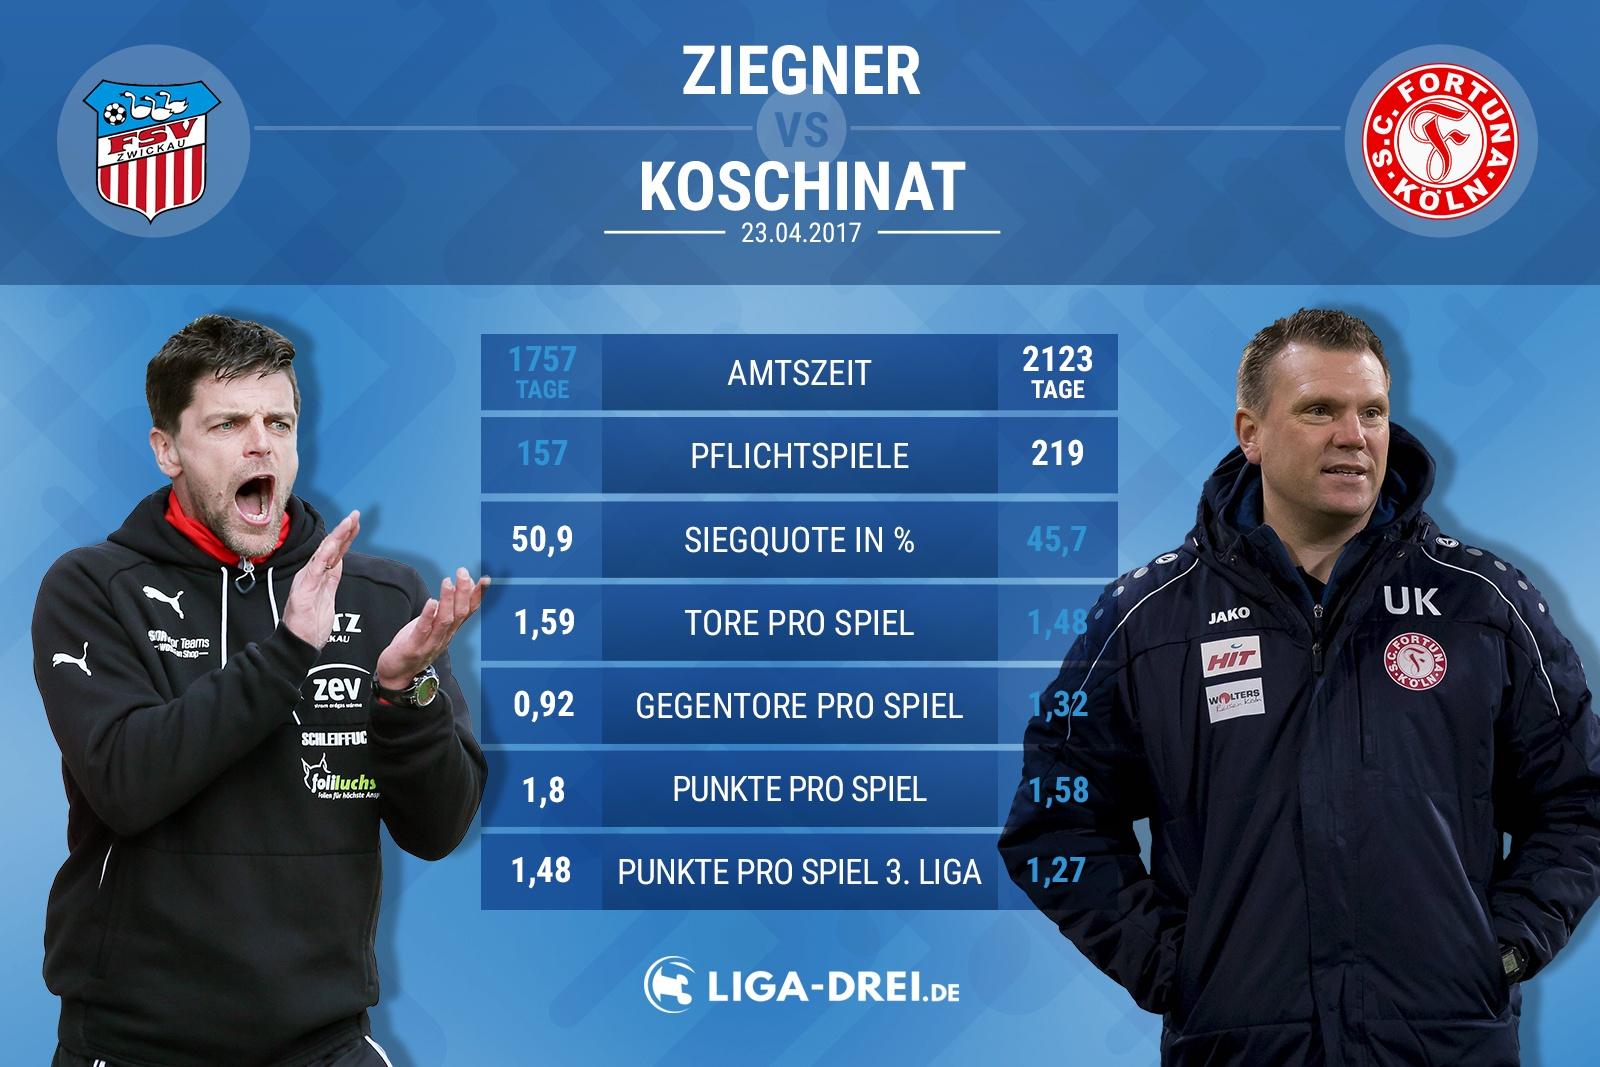 Vergleich zwischen Ziegner von Zwickau & Koschinat von Köln